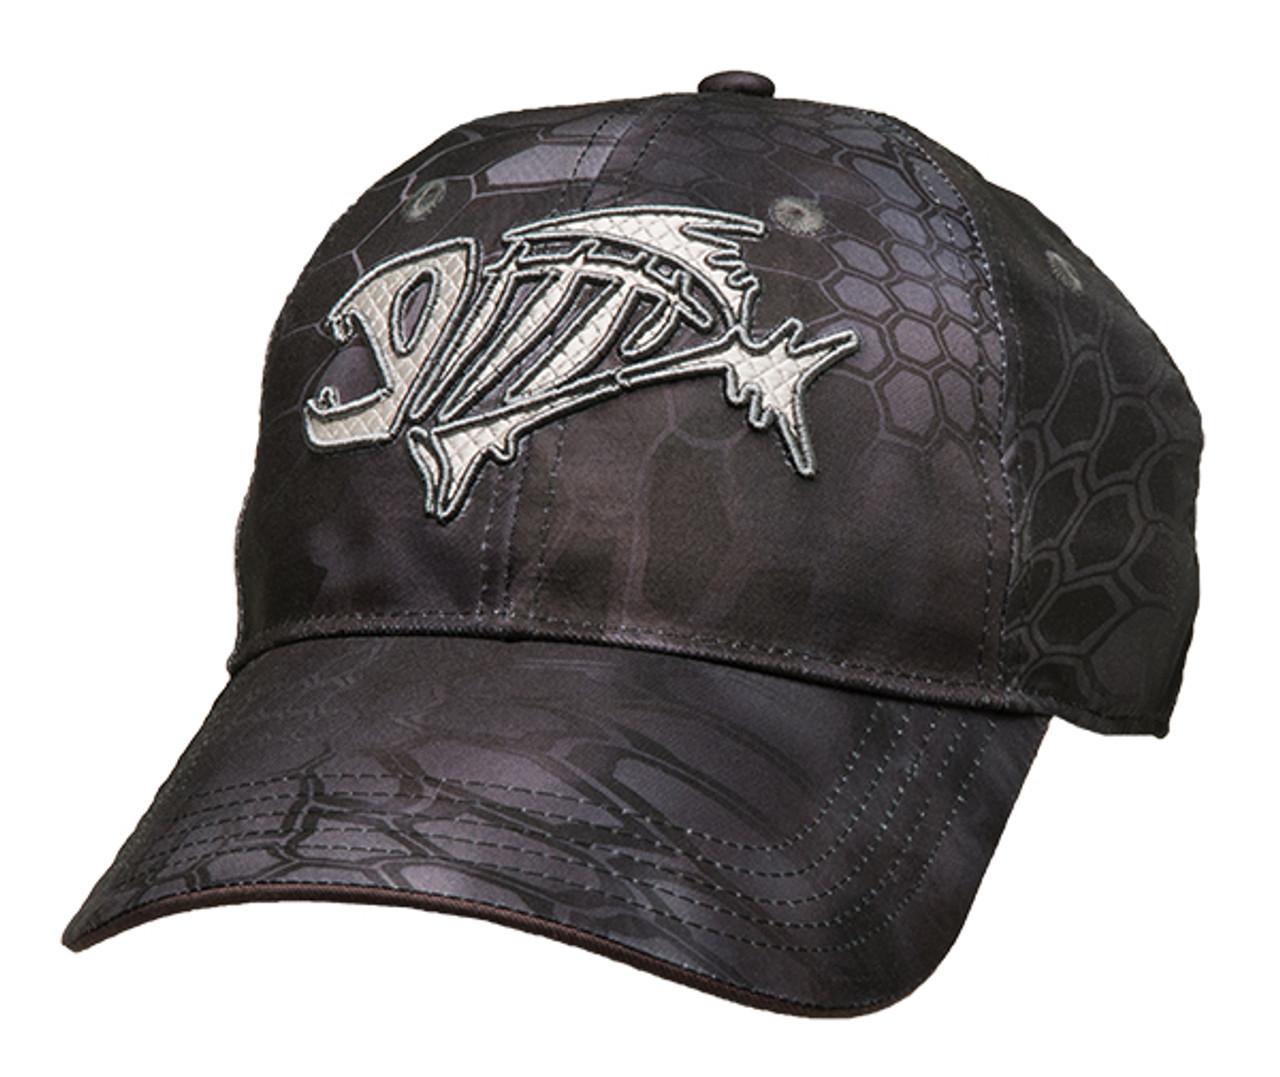 G. Loomis Kryptek Camo Fishing Hats, Black